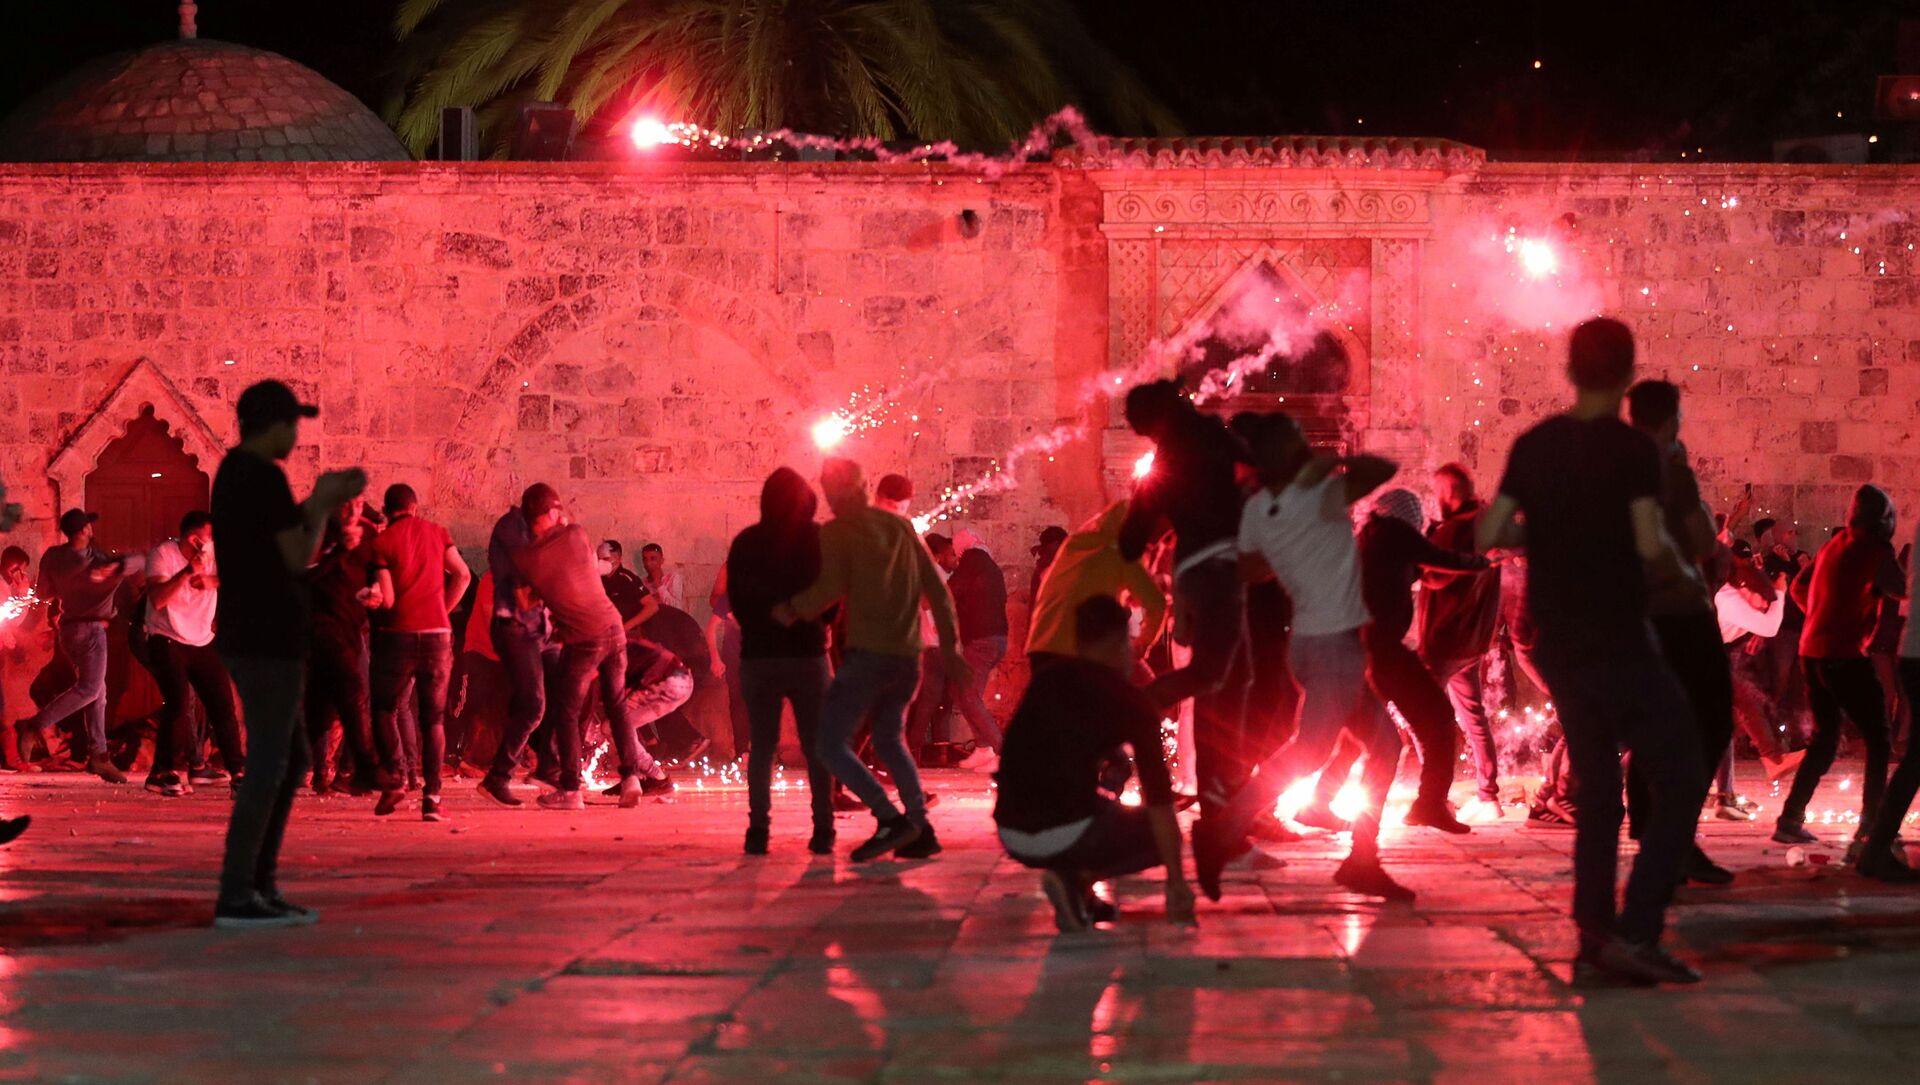 Dei palestinesi reagiscono mentre la polizia israeliana spara granate stordenti durante gli scontri nel complesso che ospita la Moschea di Al Aqsa, nota ai musulmani come Santuario Nobile e agli ebrei come Monte del Tempio, tra le tensioni sul possibile sfratto di diverse famiglie palestinesi dalle case sulla dei coloni ebrei nel quartiere di Sheikh Jarrah, nella Città Vecchia di Gerusalemme, 7 maggio 2021 - Sputnik Italia, 1920, 08.05.2021